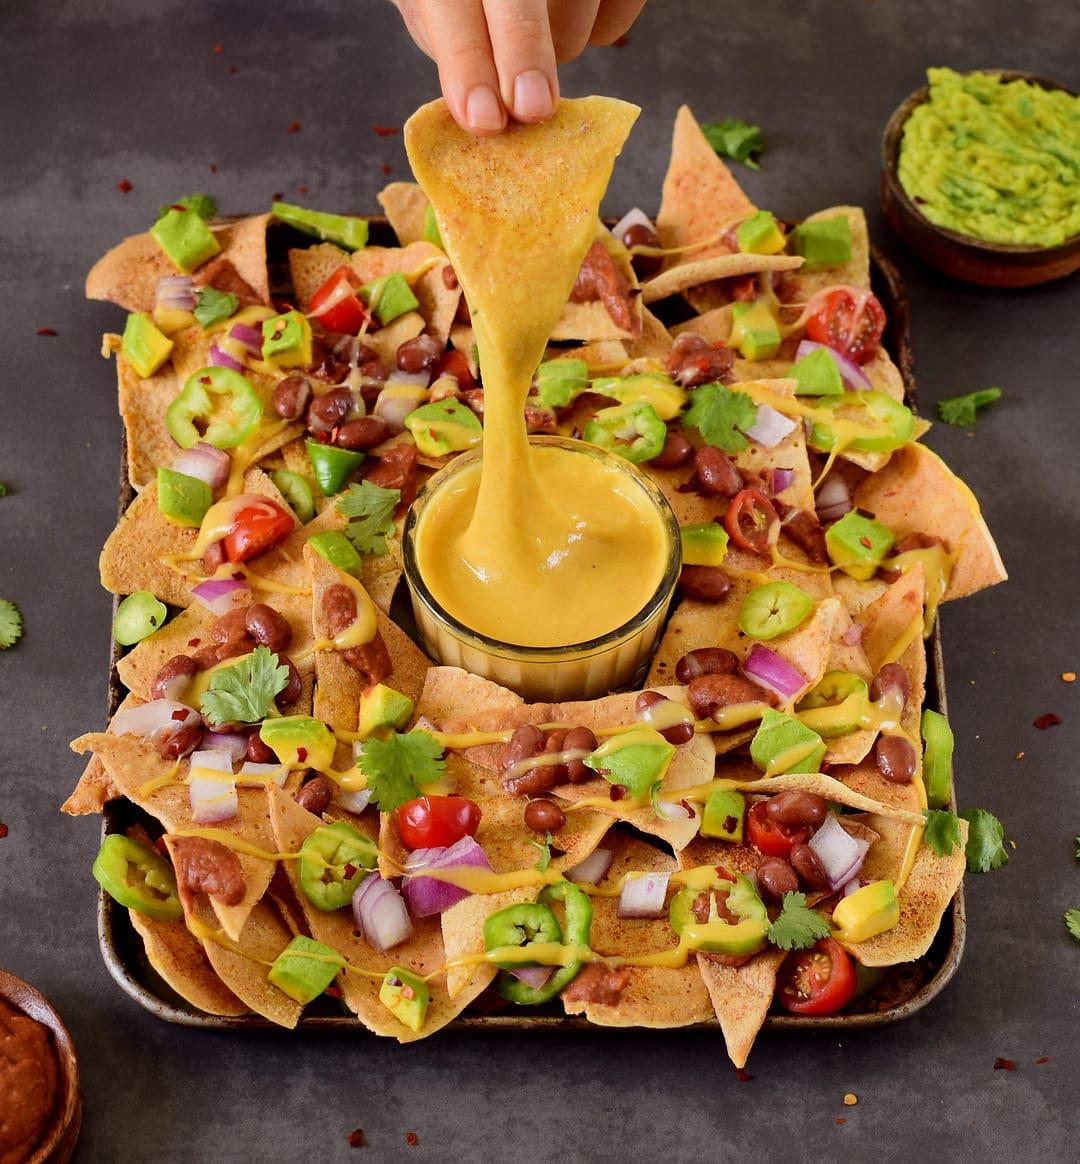 Vegane Käsesauce aus wenigen Zutaten. Die Sauce ist in nur 3 Minuten fertig! Für diese super einfache Sauce wird nicht einmal ein Mixer benötigt. Perfekt für Pizza, Nachos, Pasta, Mac and Cheese, Burger, Auflauf, Gemüse und weitere wohlschmeckende vegane Rezepte. Paleo-freundliches Rezept